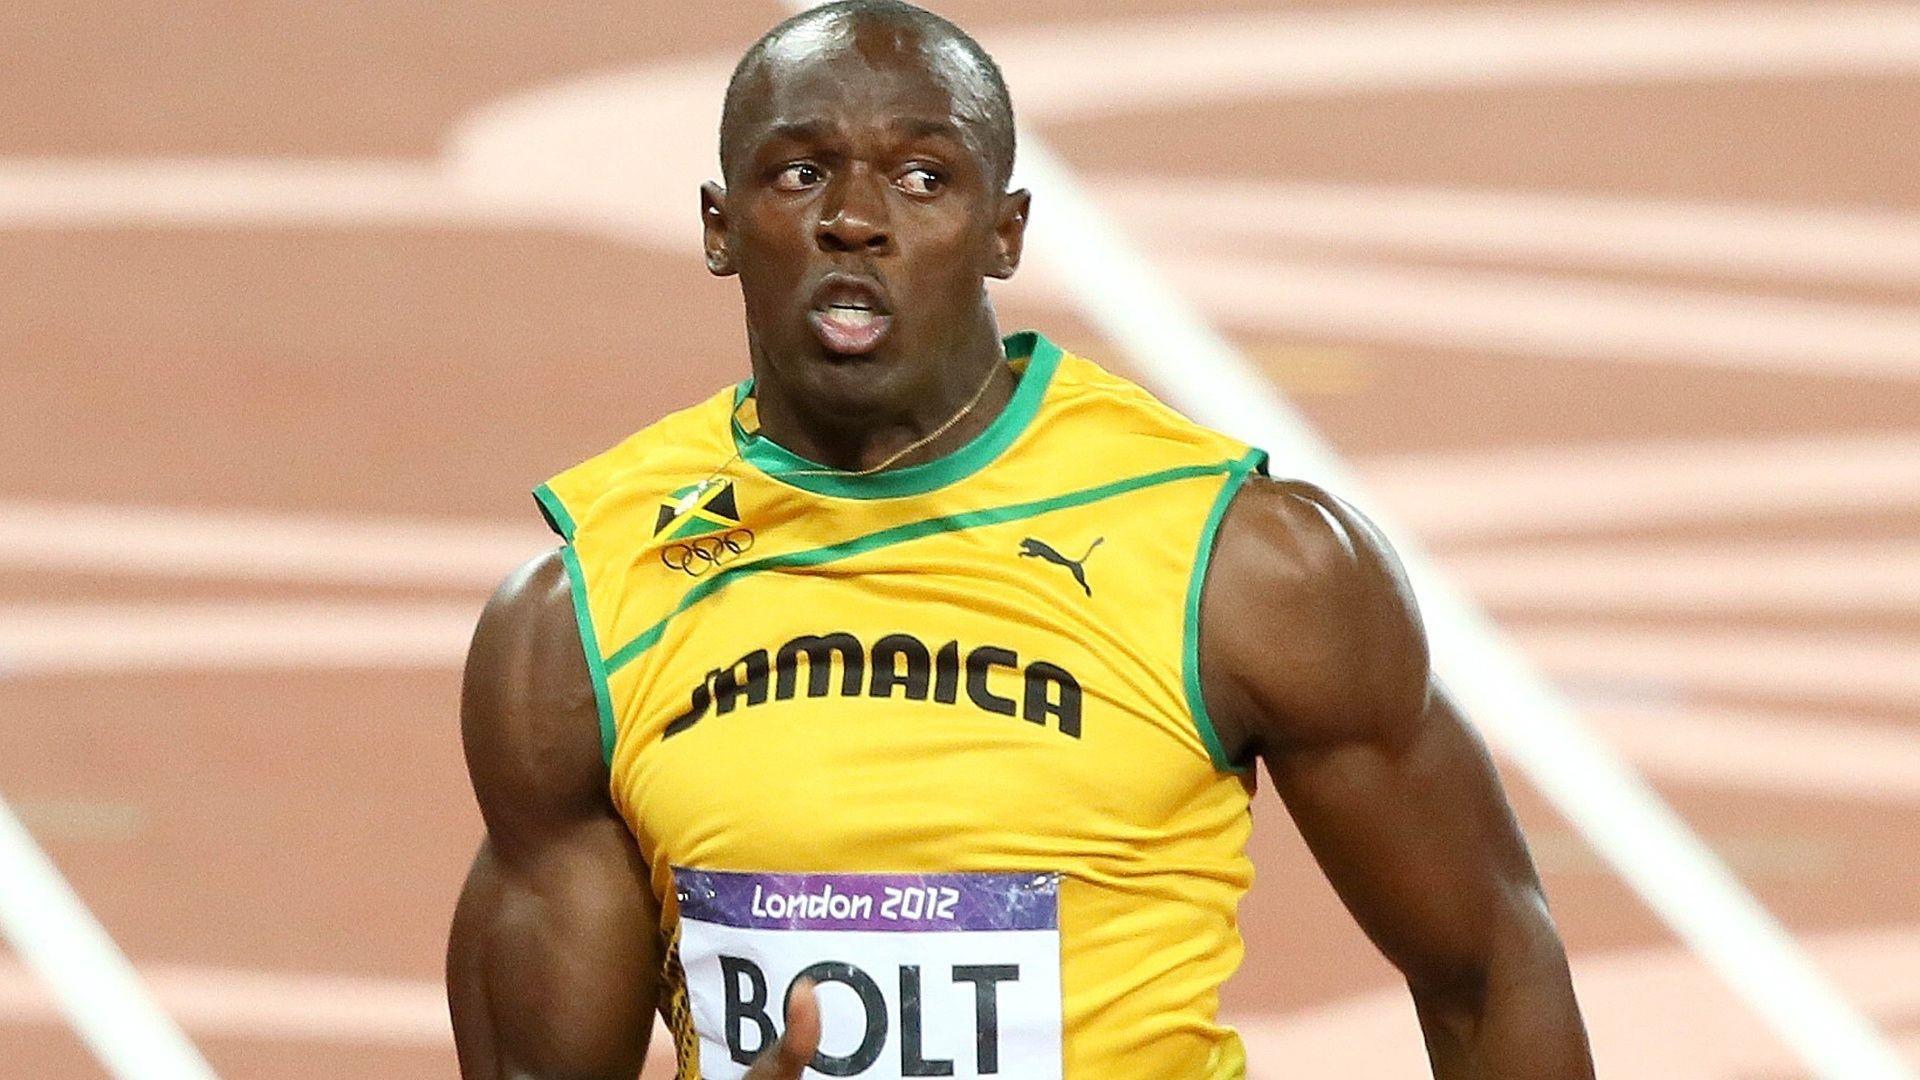 Usain Bolt Photos